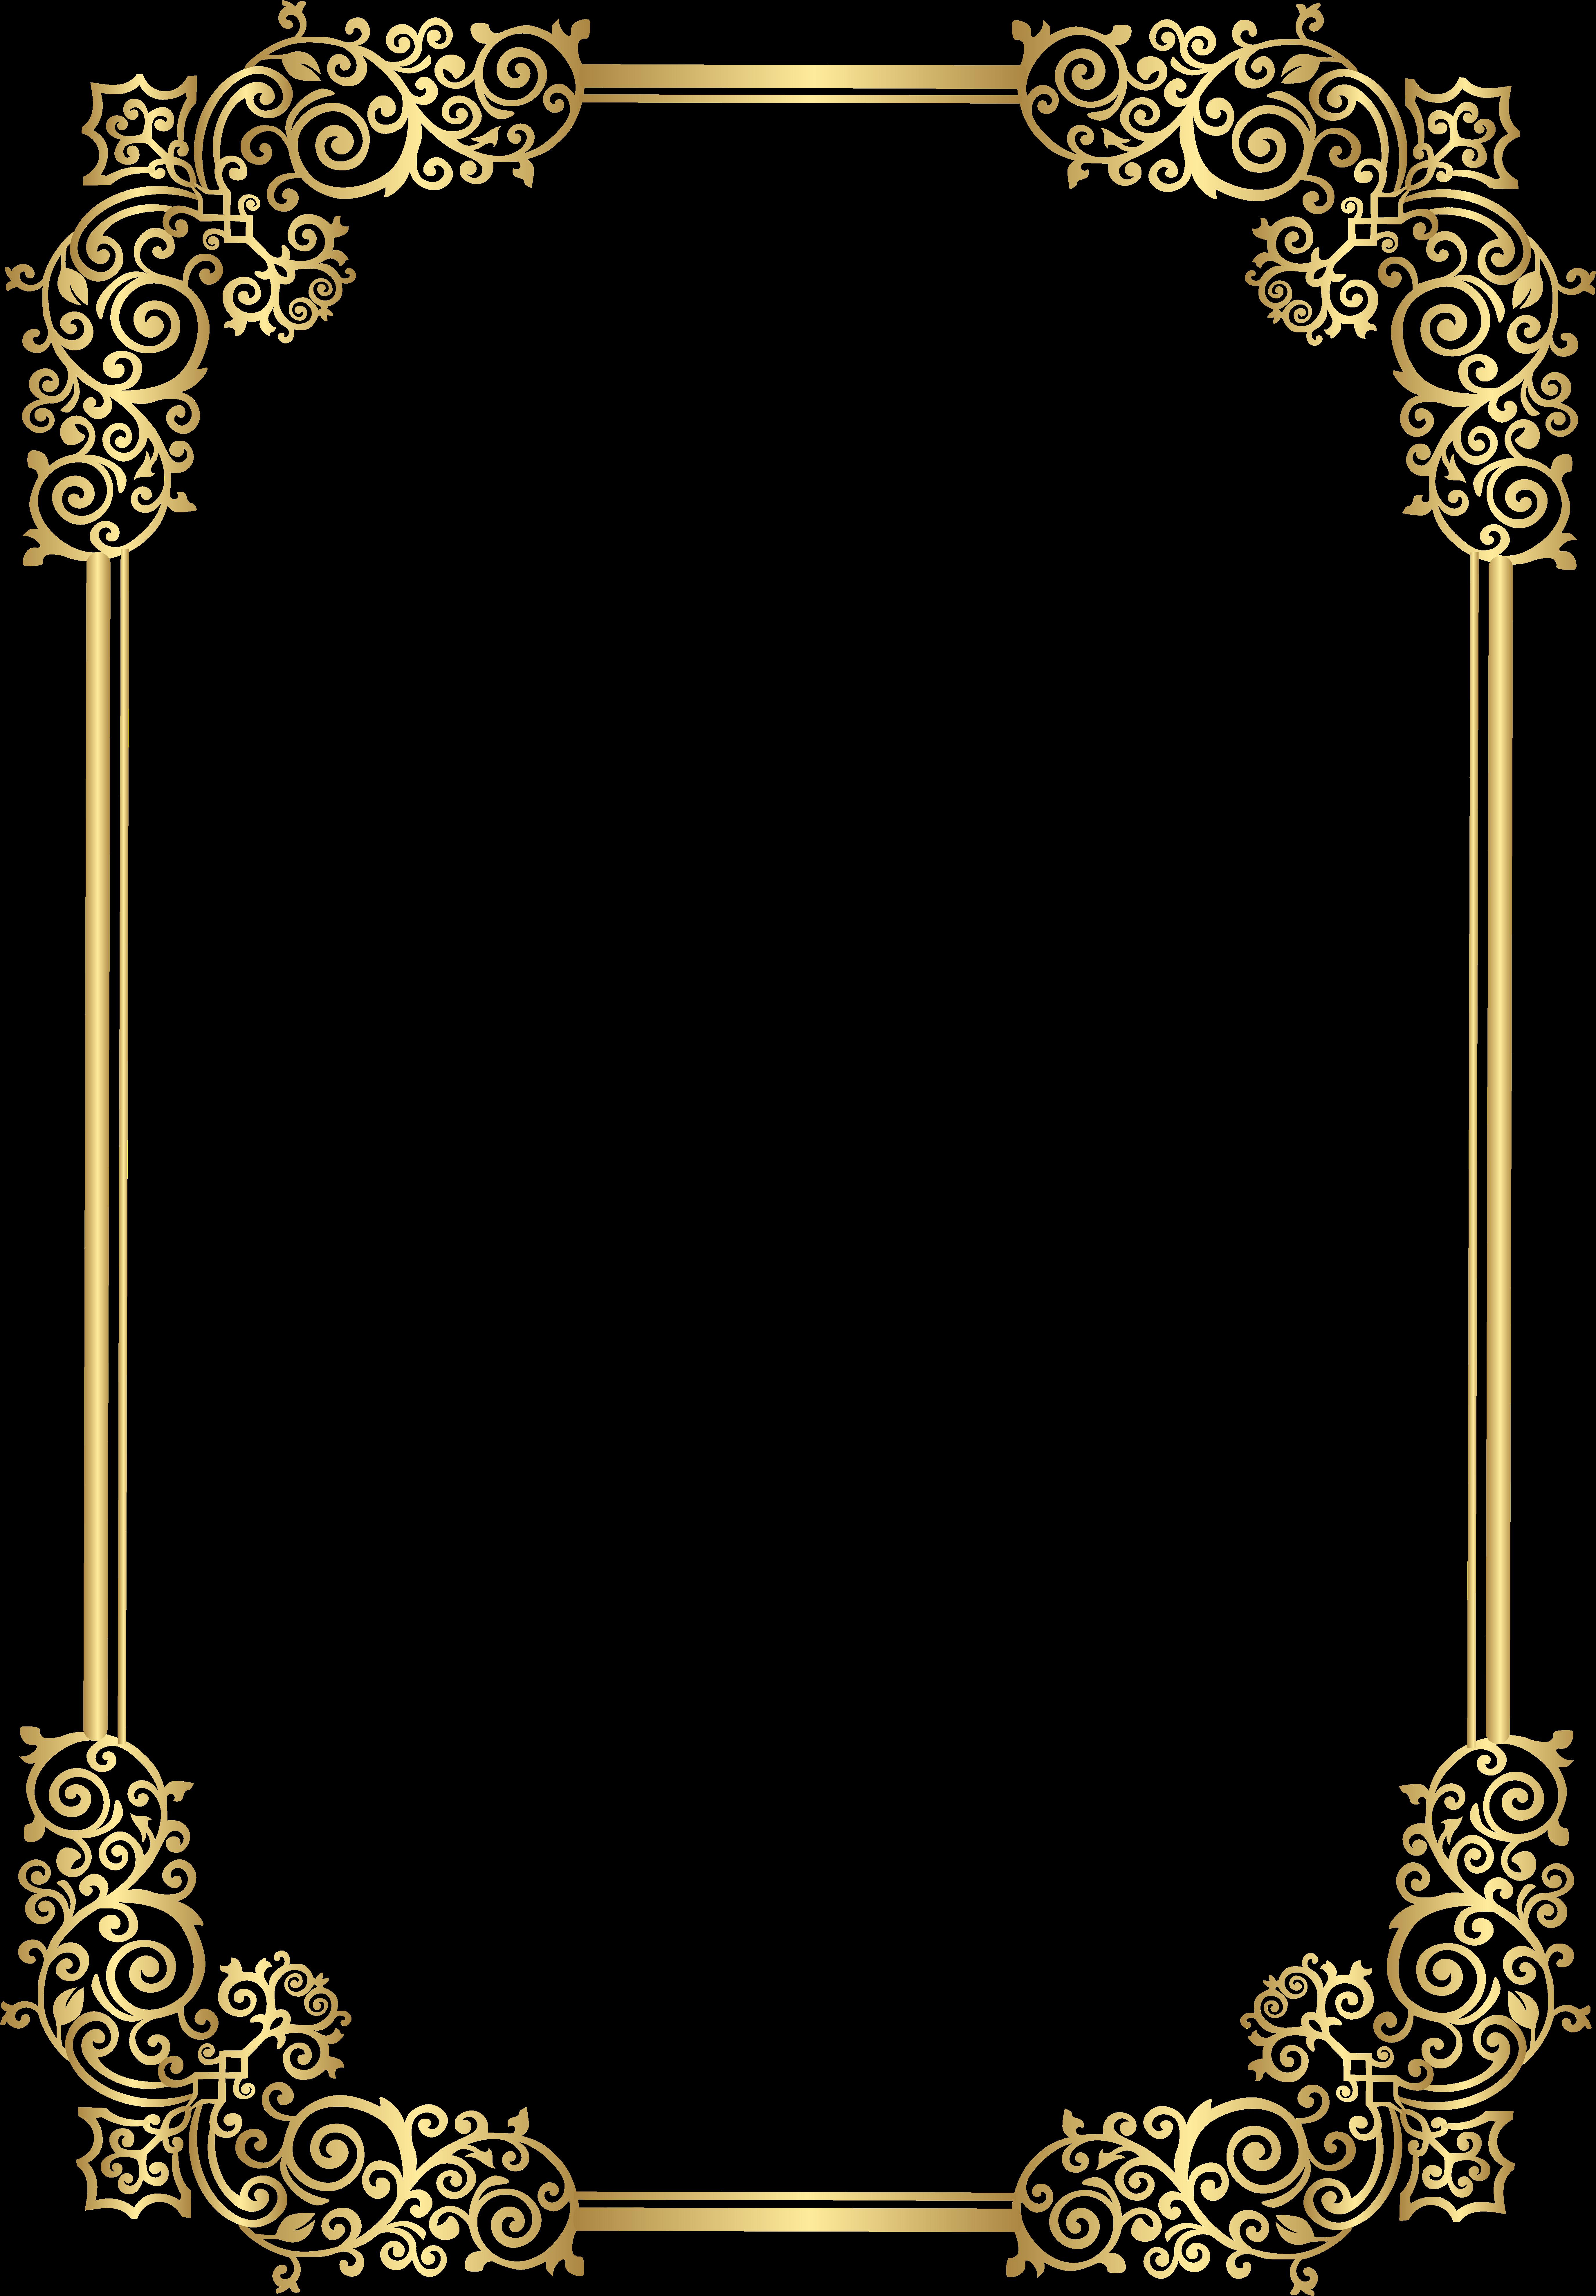 Border Decorative Frame Clip Art Png Image Moldura.